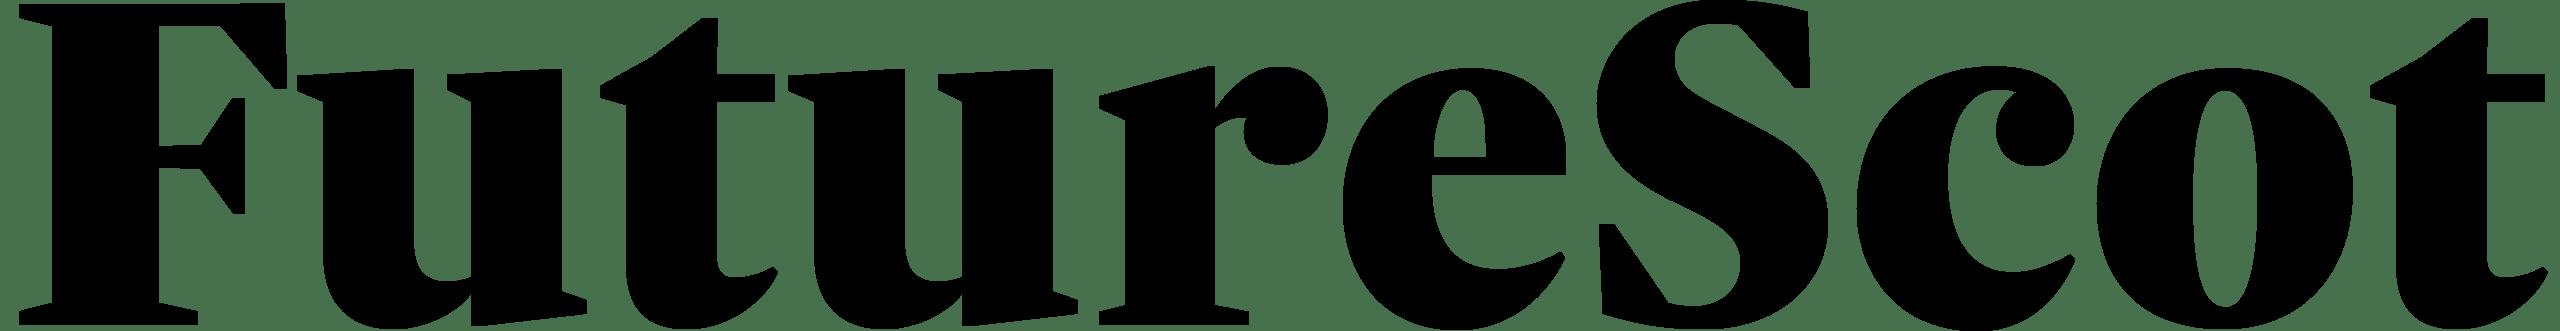 Futurescot logo